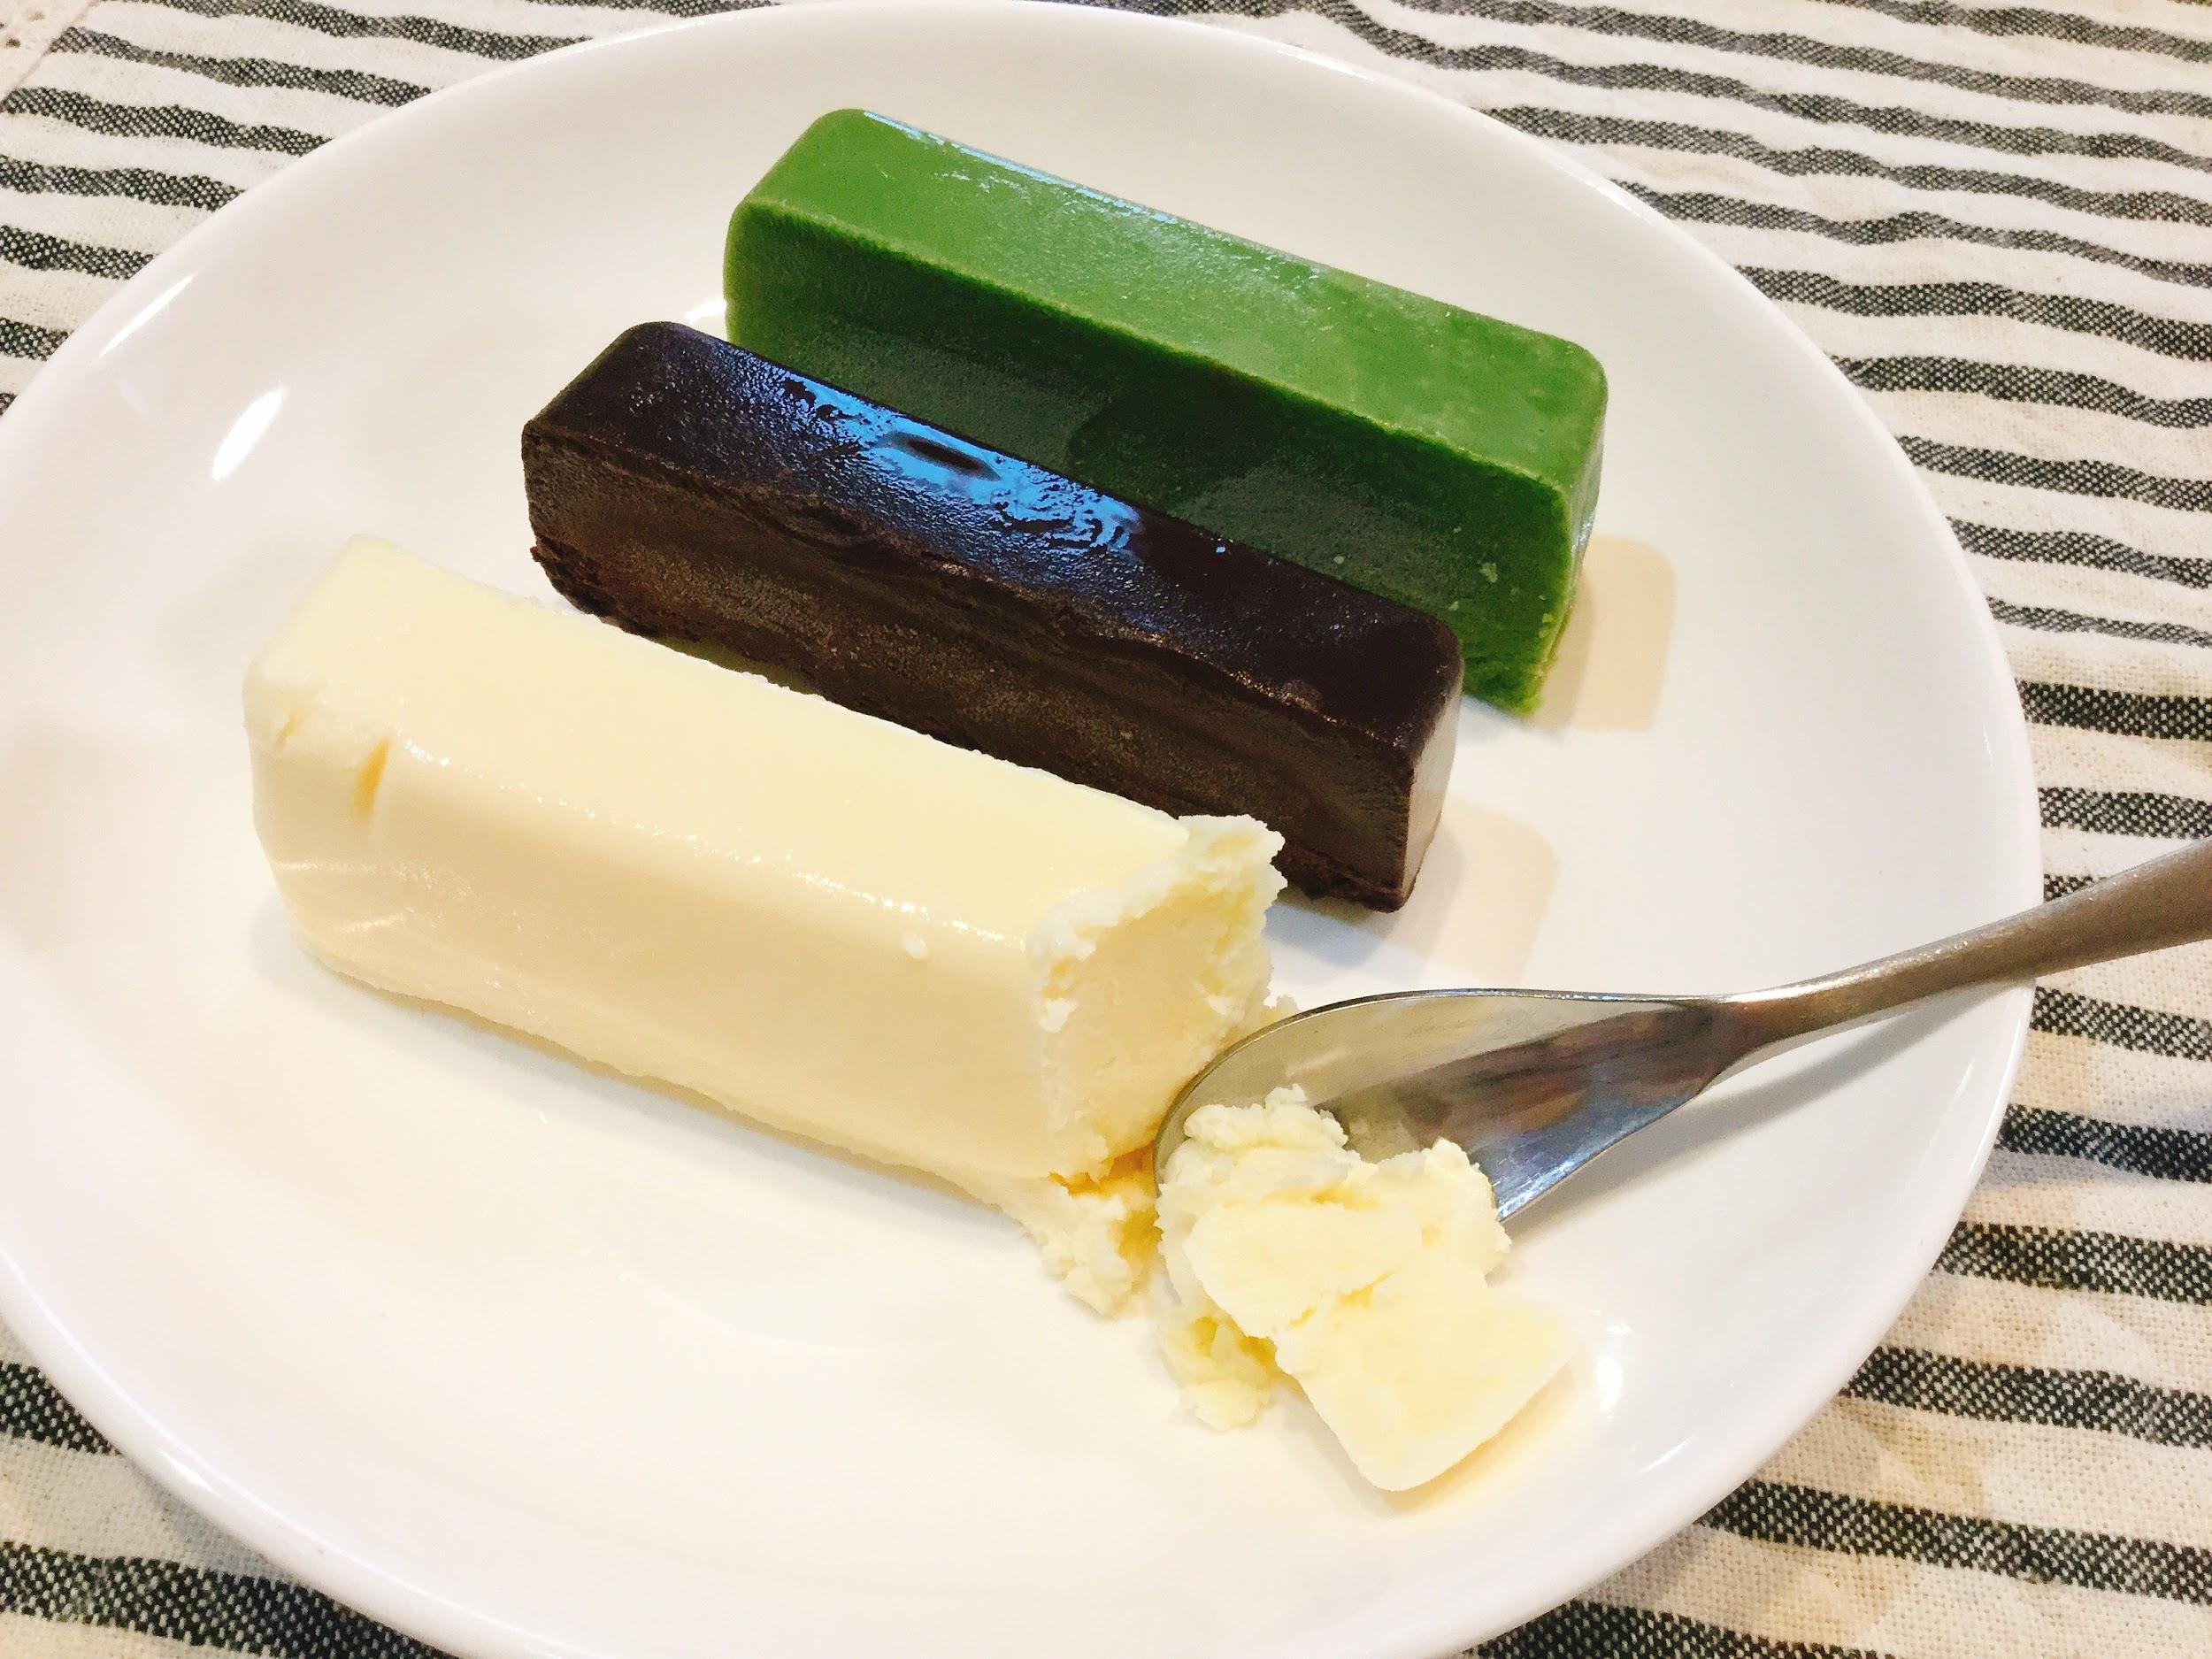 チーズ 業務 スーパー クリーム 【まとめ】業務スーパーで絶対買うべきおススメ食材(乾物・冷蔵・冷凍)